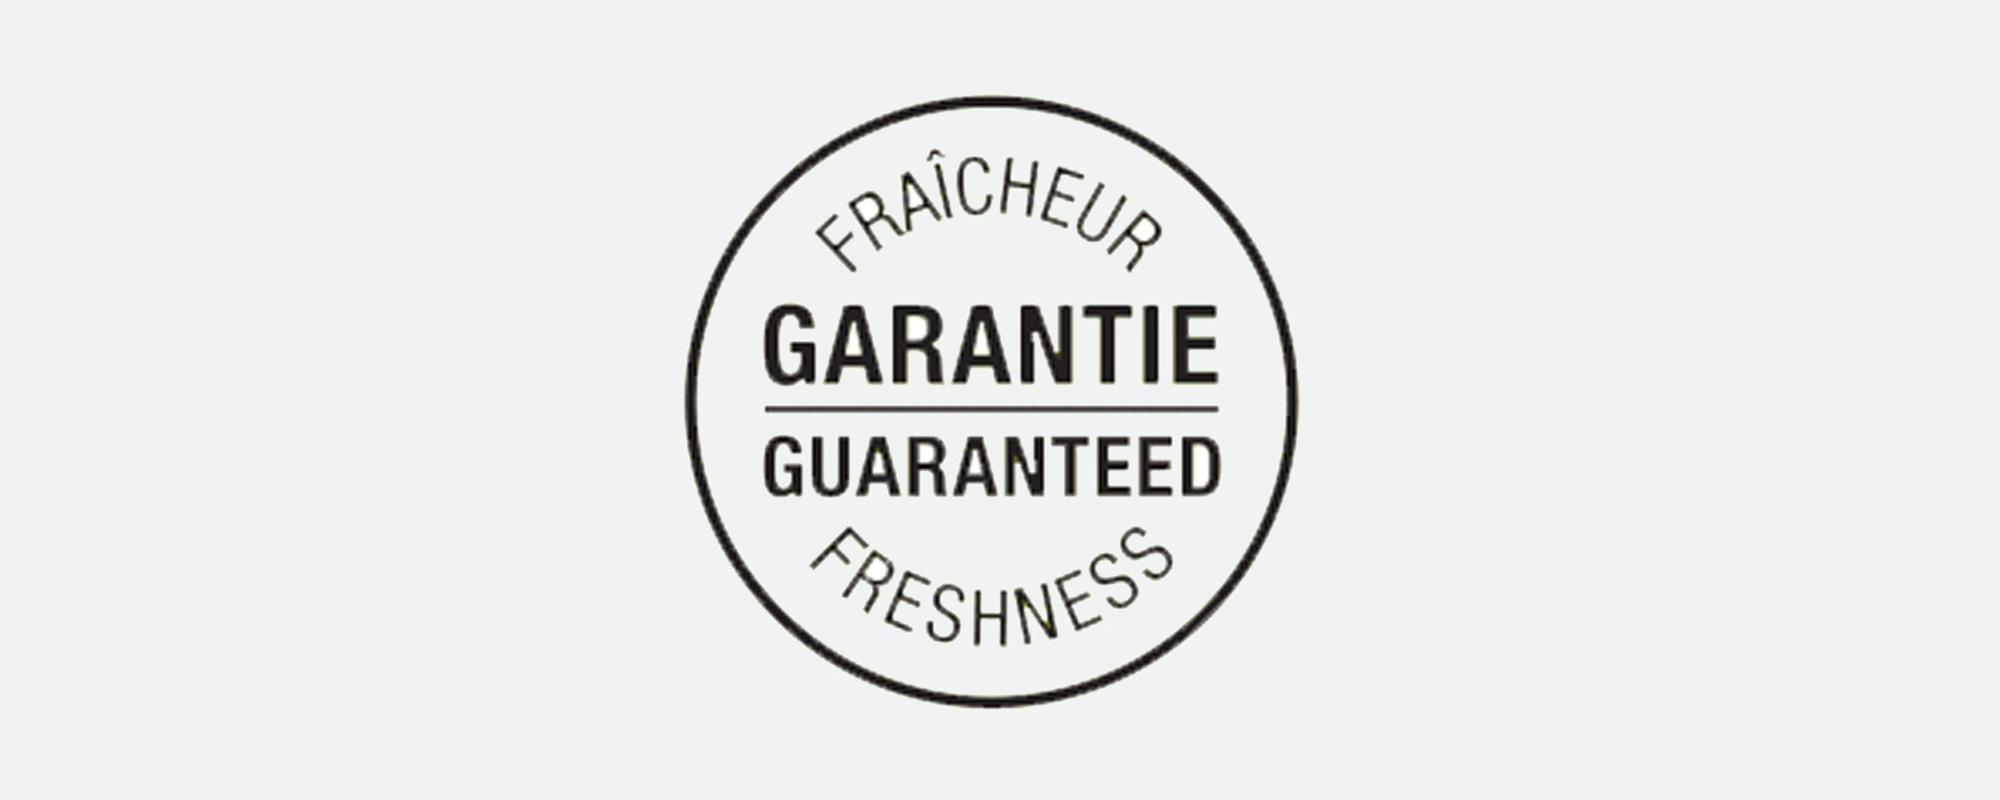 Fraicheur garantie - À propos de Jardi